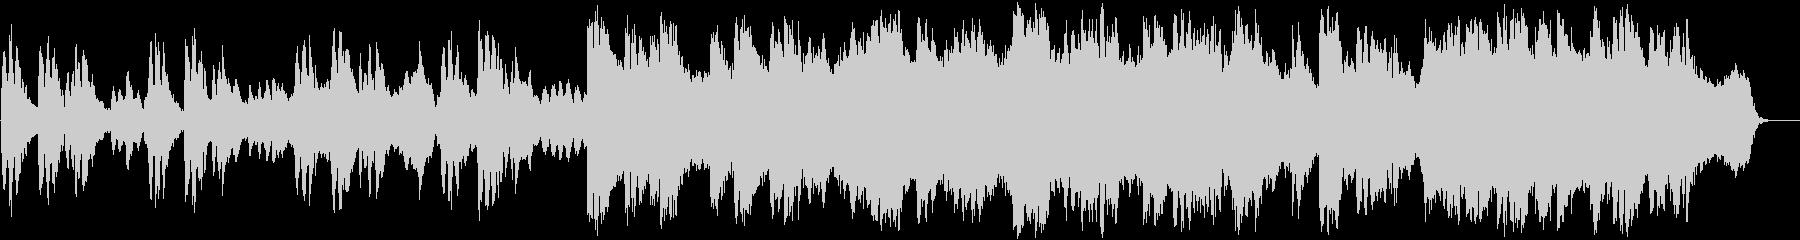 水中のイメージのシンセサイザー音楽の未再生の波形